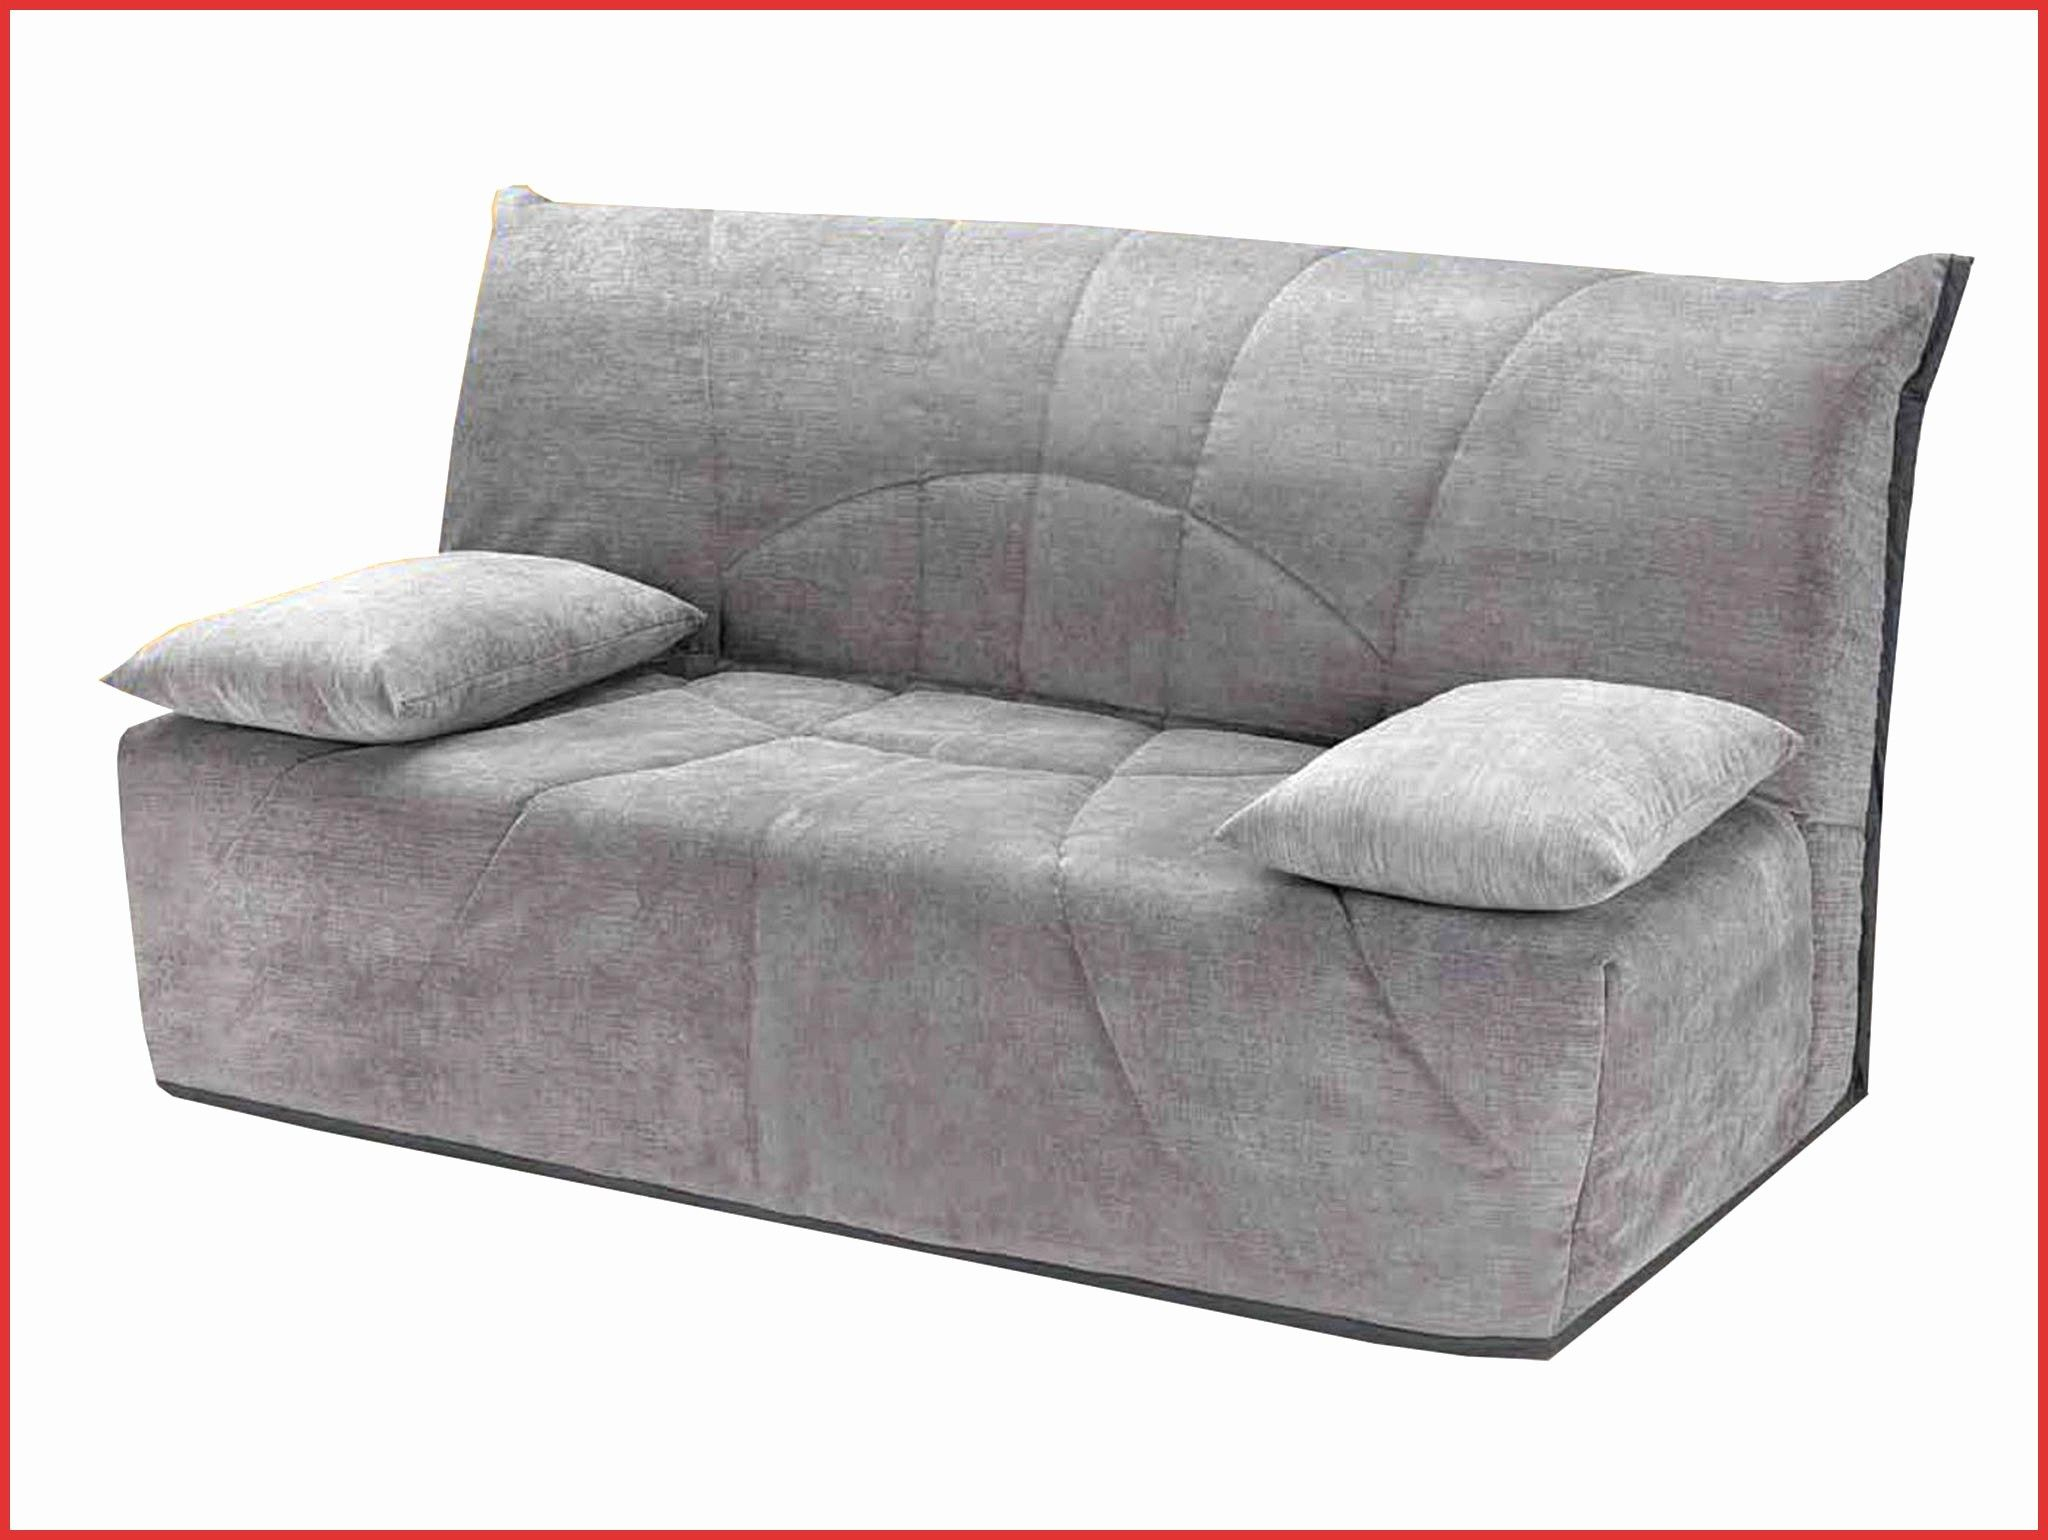 28 Beau Canapé Rapido Diva Recommandations -   Canapé ... intérieur Canapé Bz 160X200 Ikea